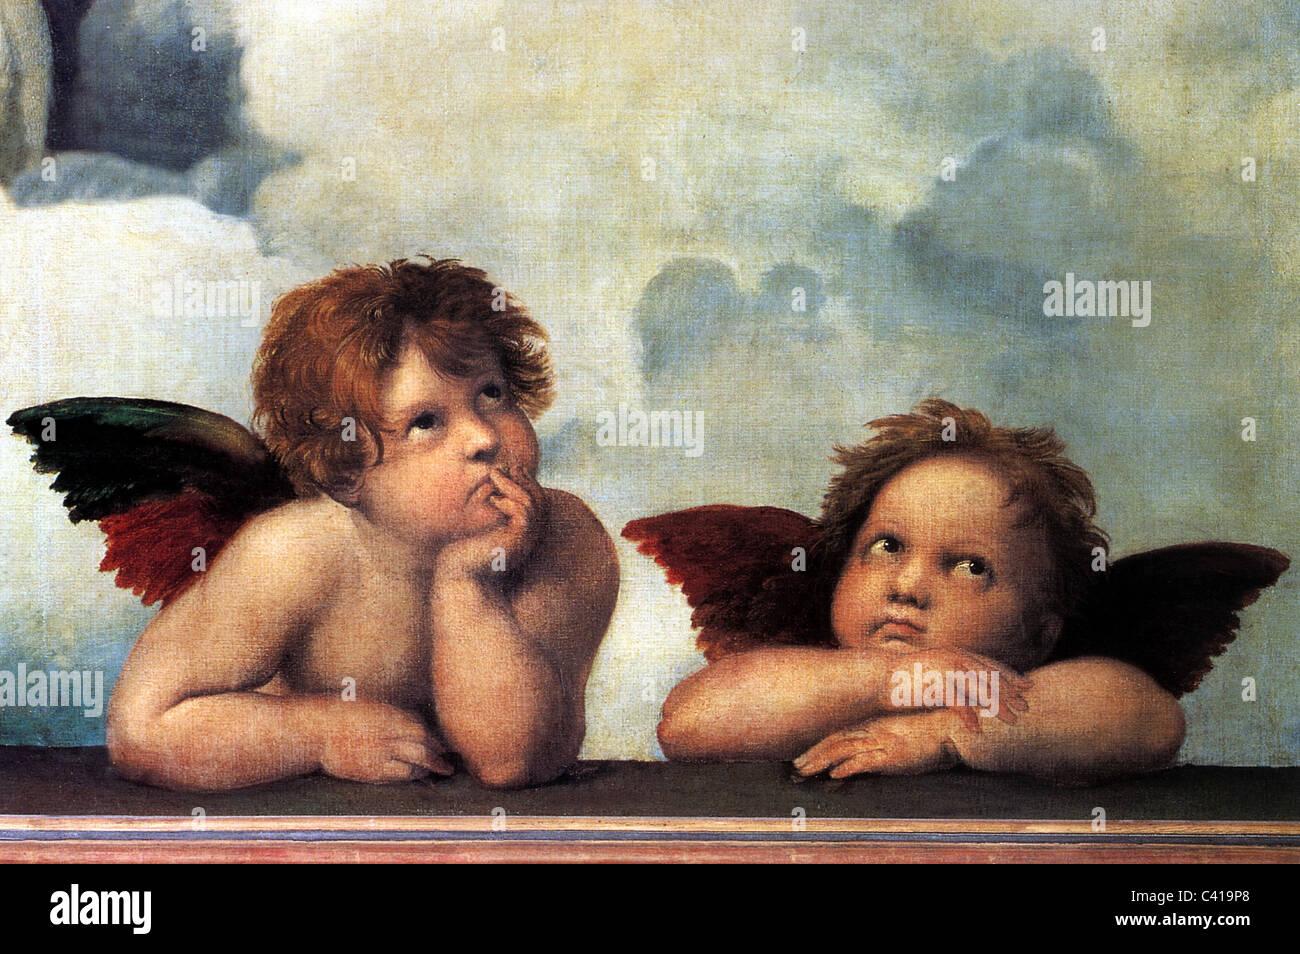 """Bildende Kunst, Raphael Santi: """"Die Engel der Sixtinischen Madonna"""", Detail aus dem Gemälde istine Madonna"""", 1512/1513, Stockfoto"""